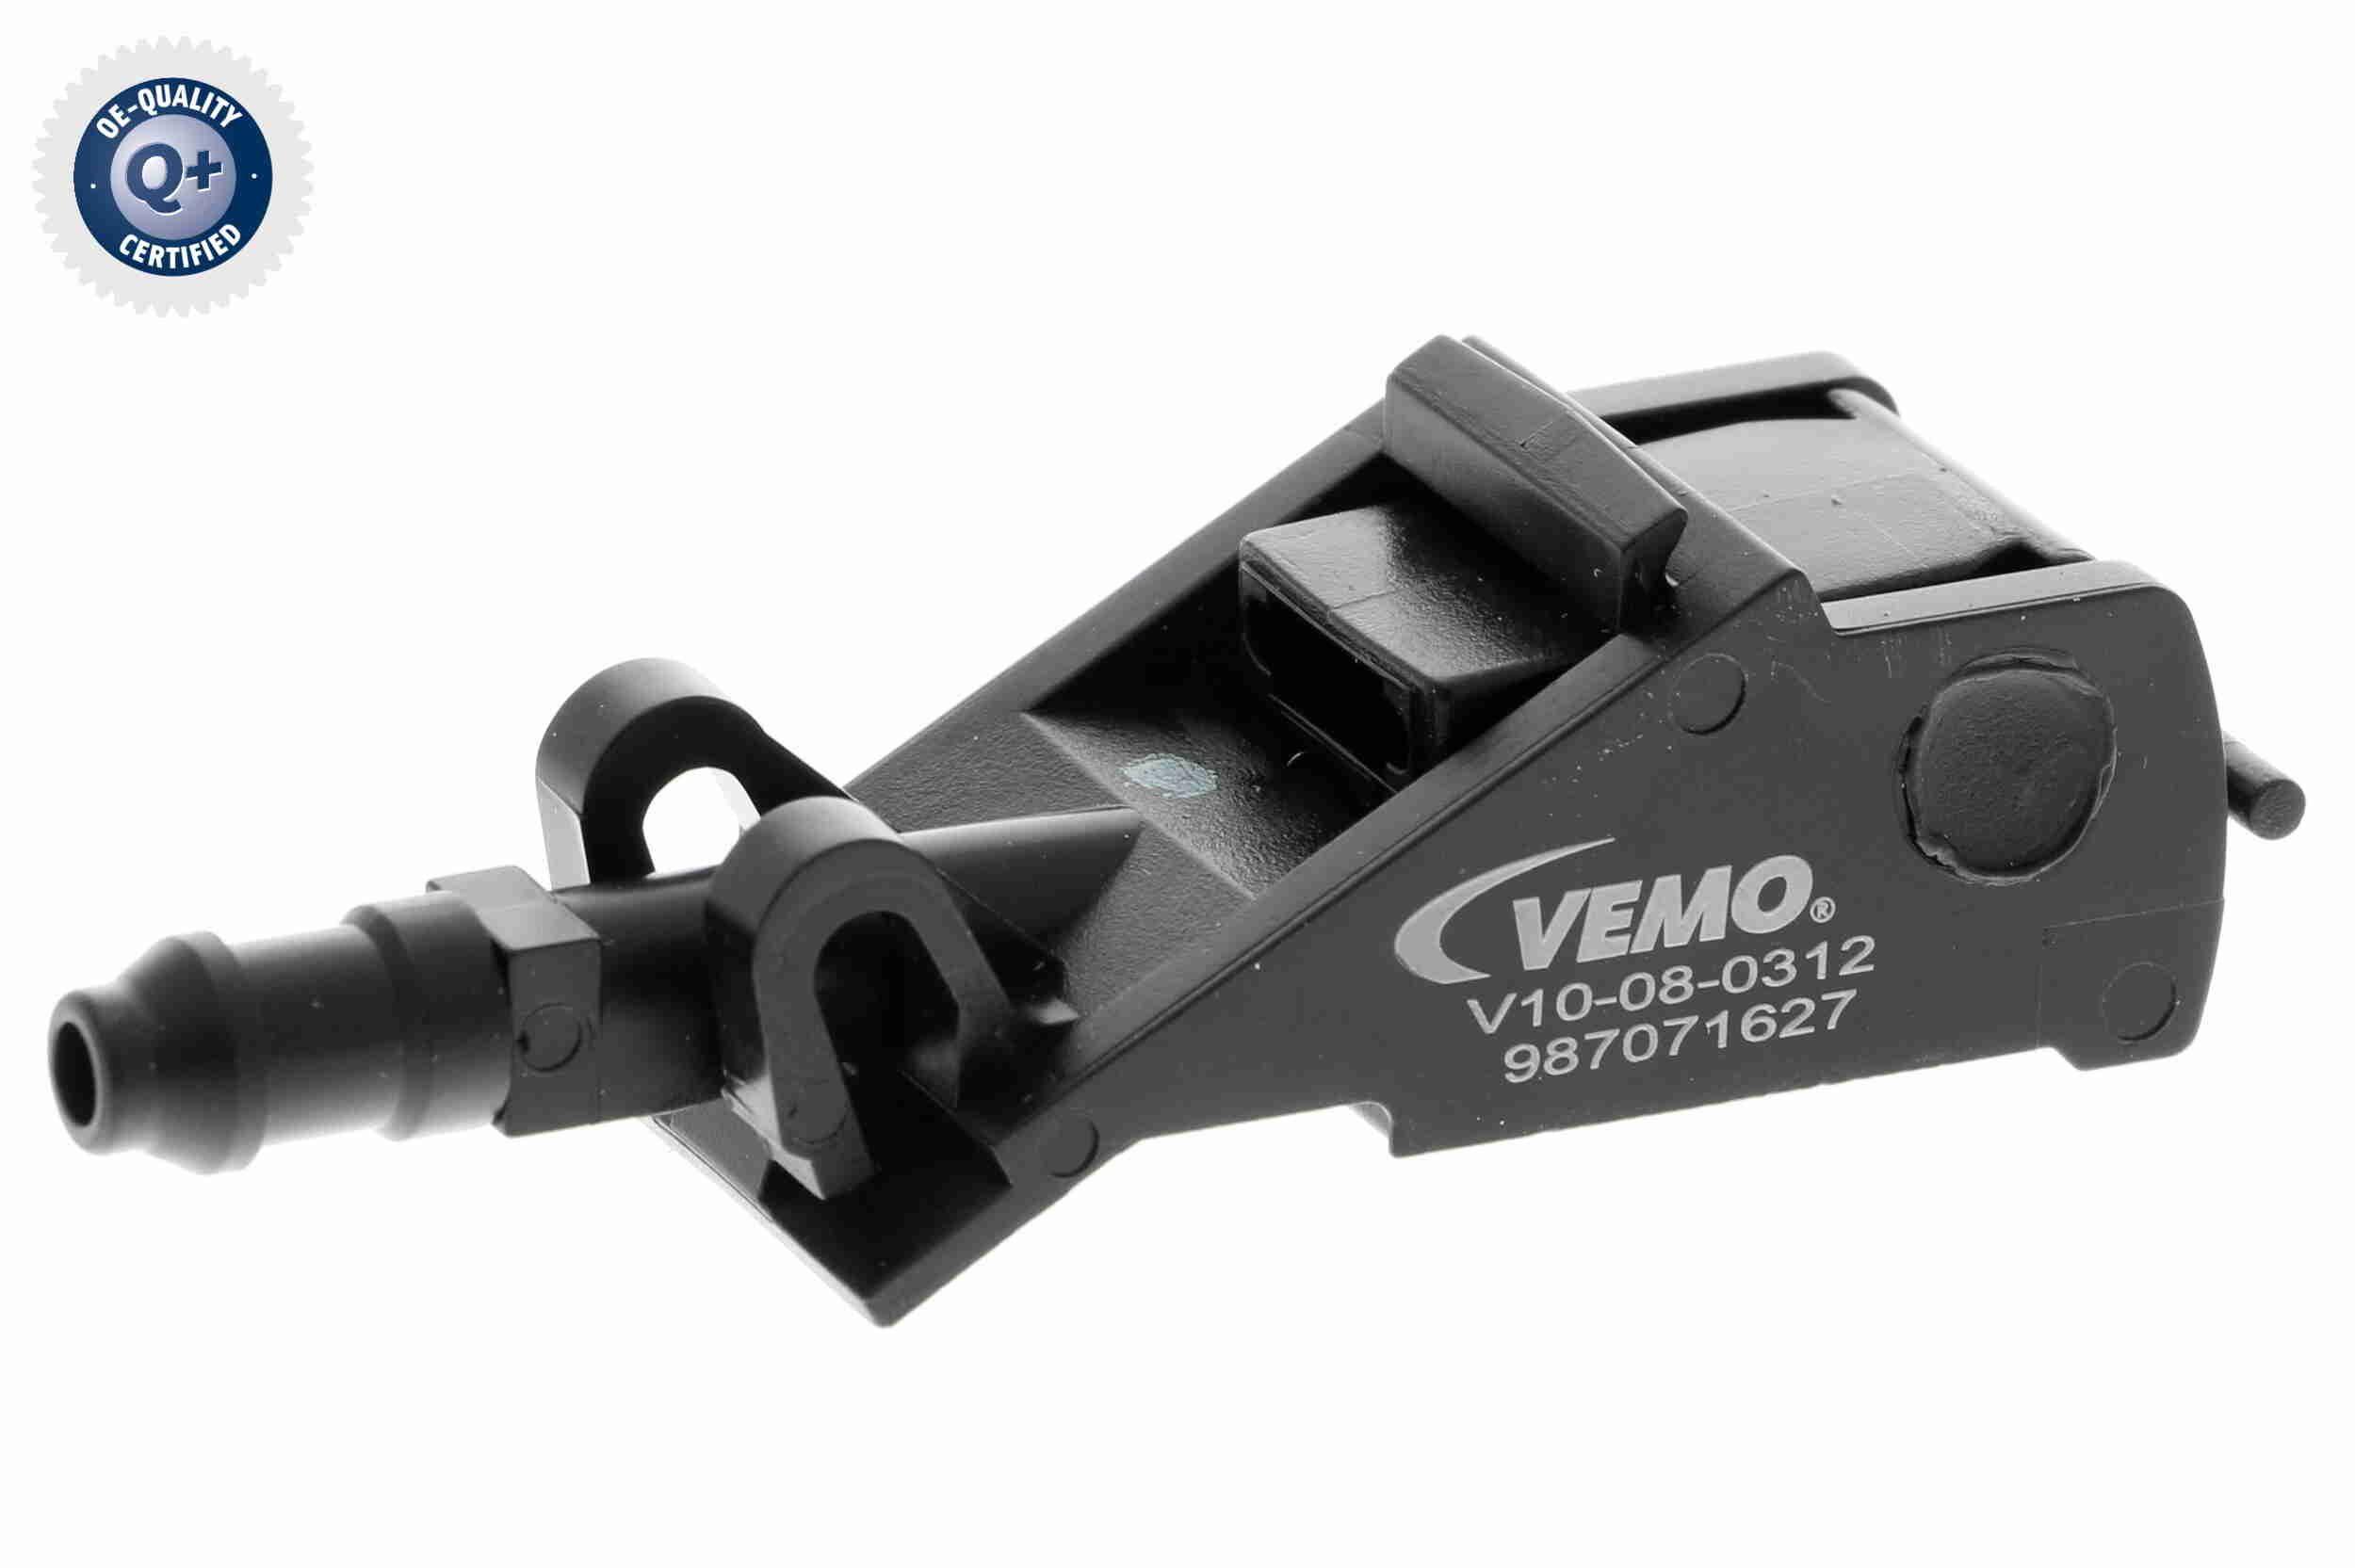 V10-08-0312 VEMO mit 30% Rabatt!